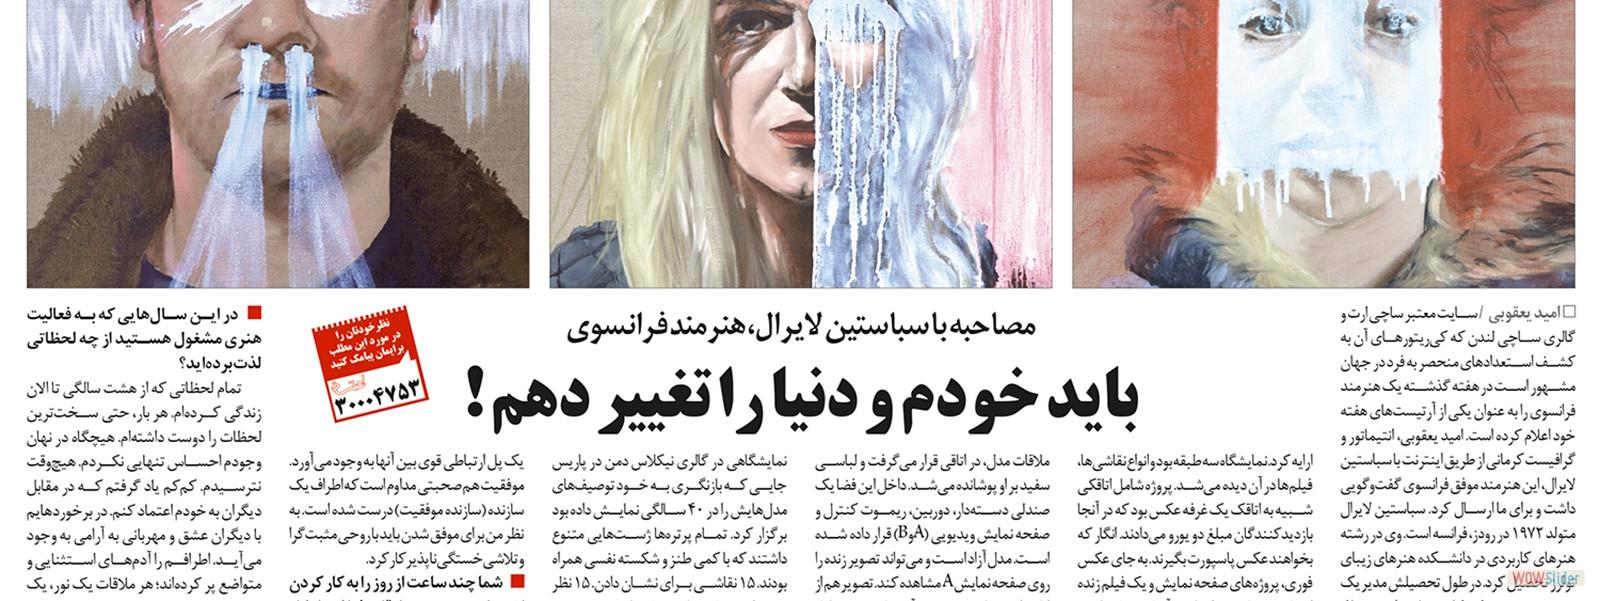 2015, IRAN.jpg